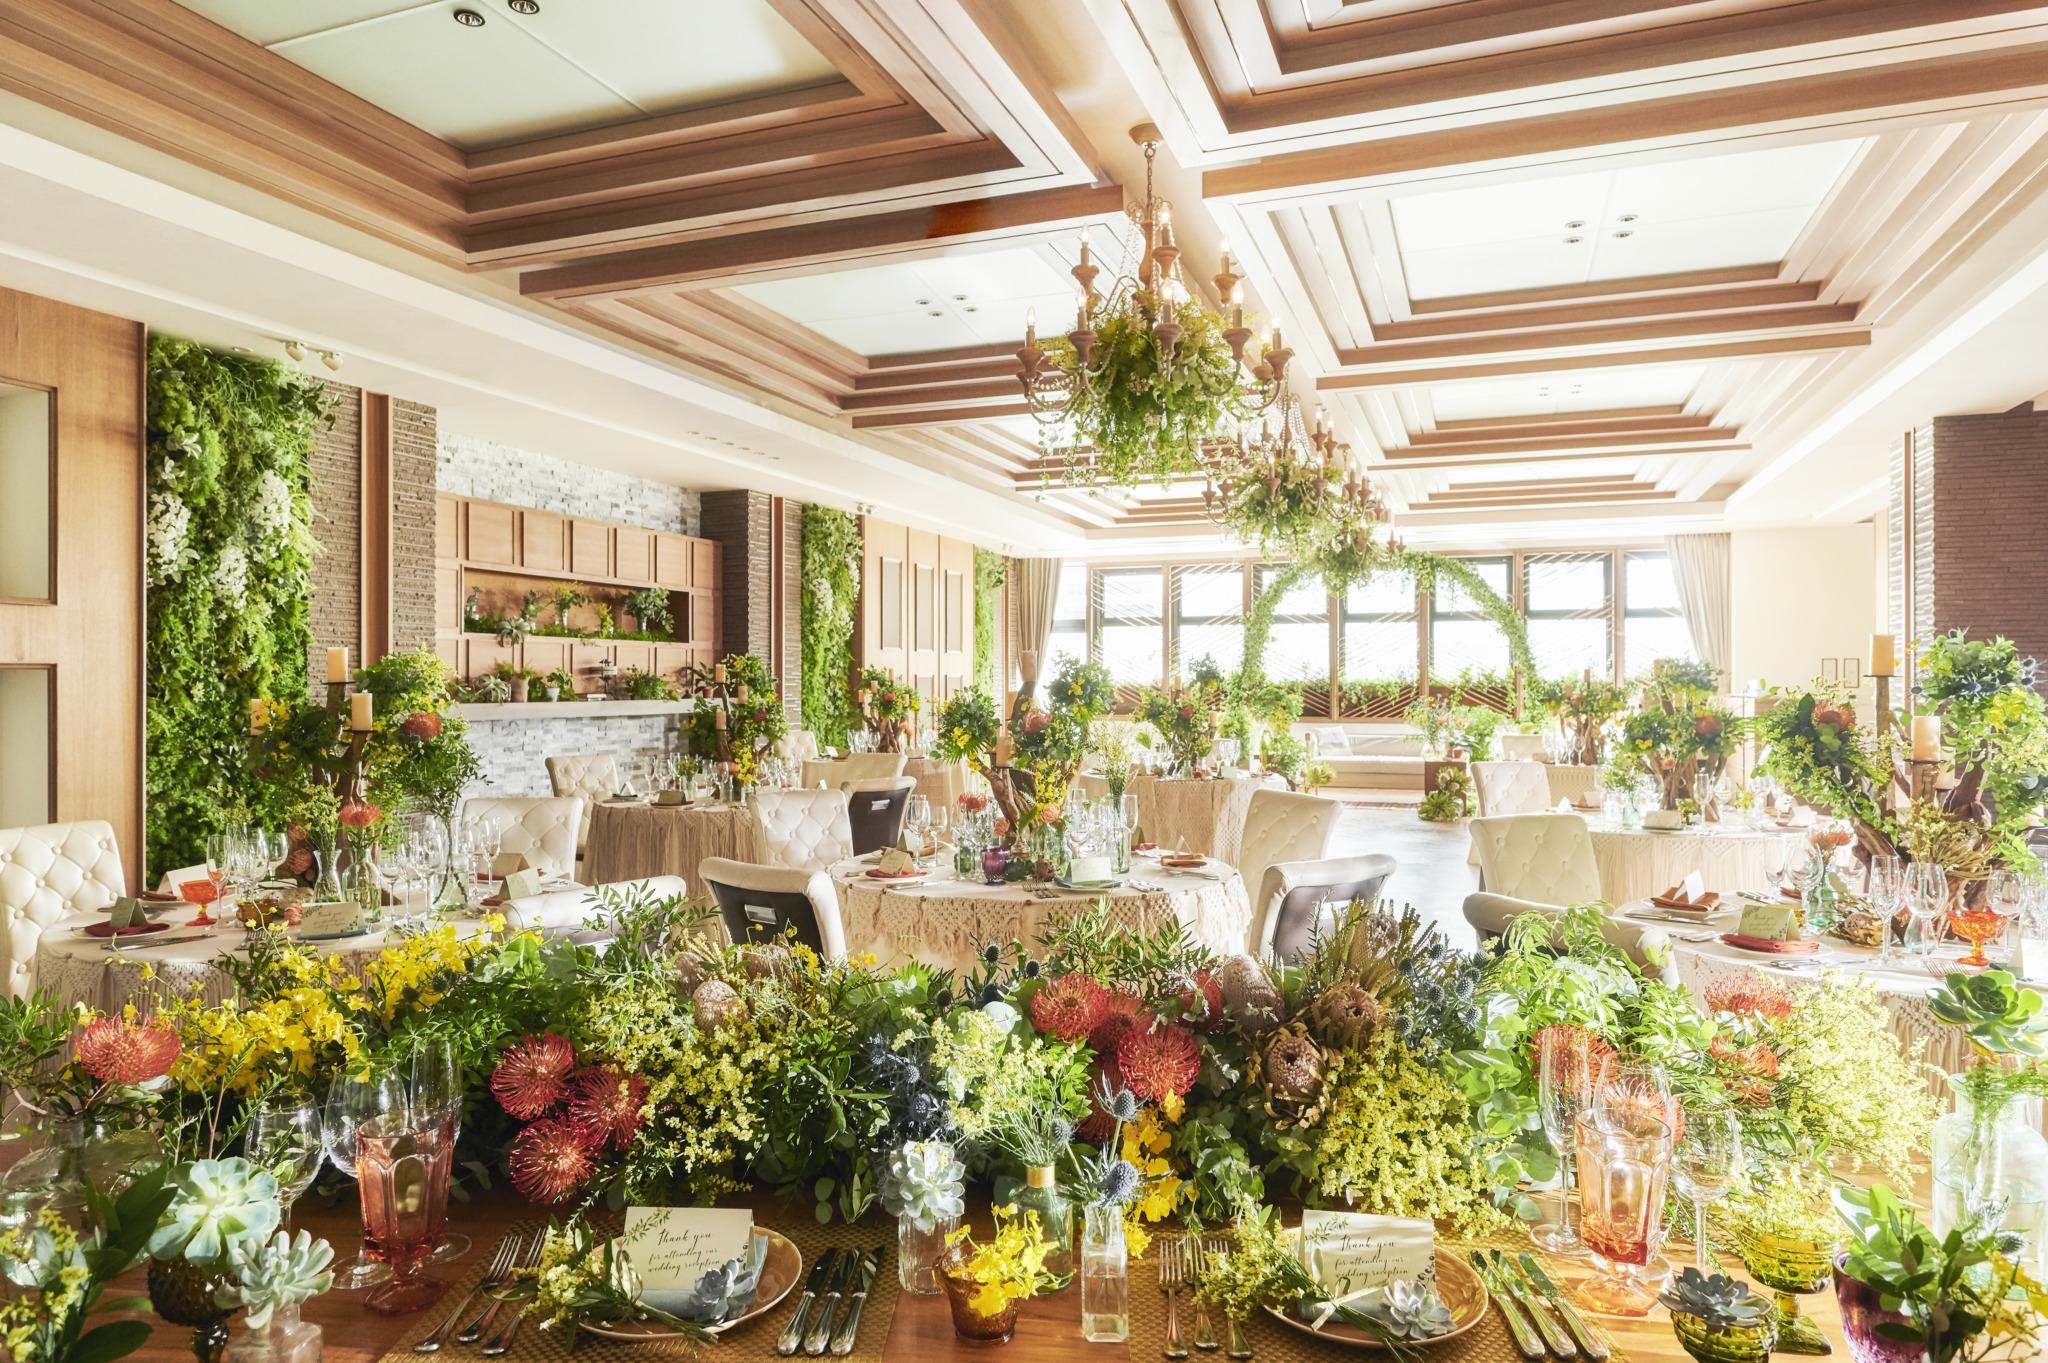 木の質感ときらめくシャンデリアの洗練されたデザインが印象的な 上質で優しい雰囲気のパーティ会場